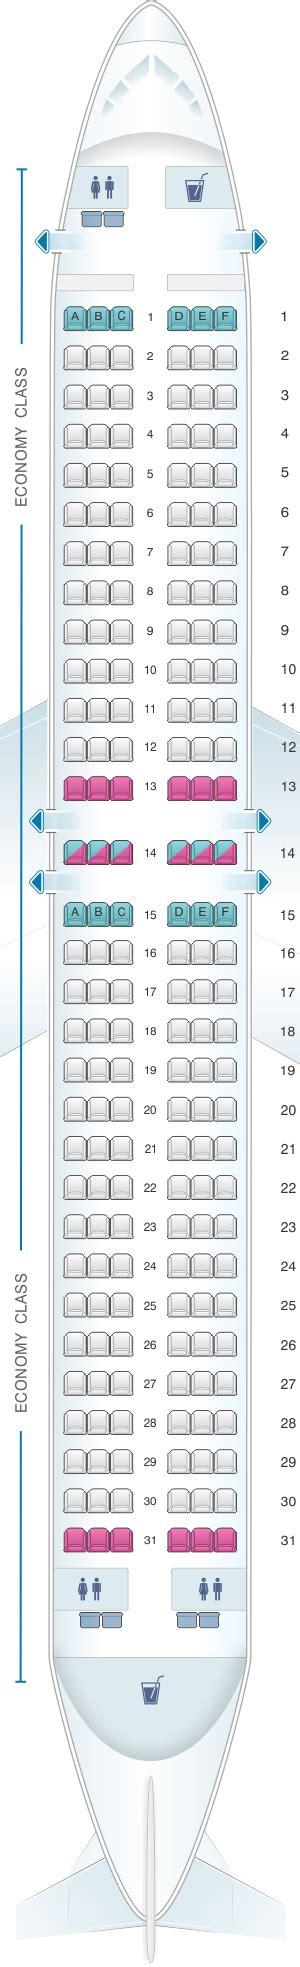 air berlin choose seats seat map airberlin boeing b737 800 seatmaestro